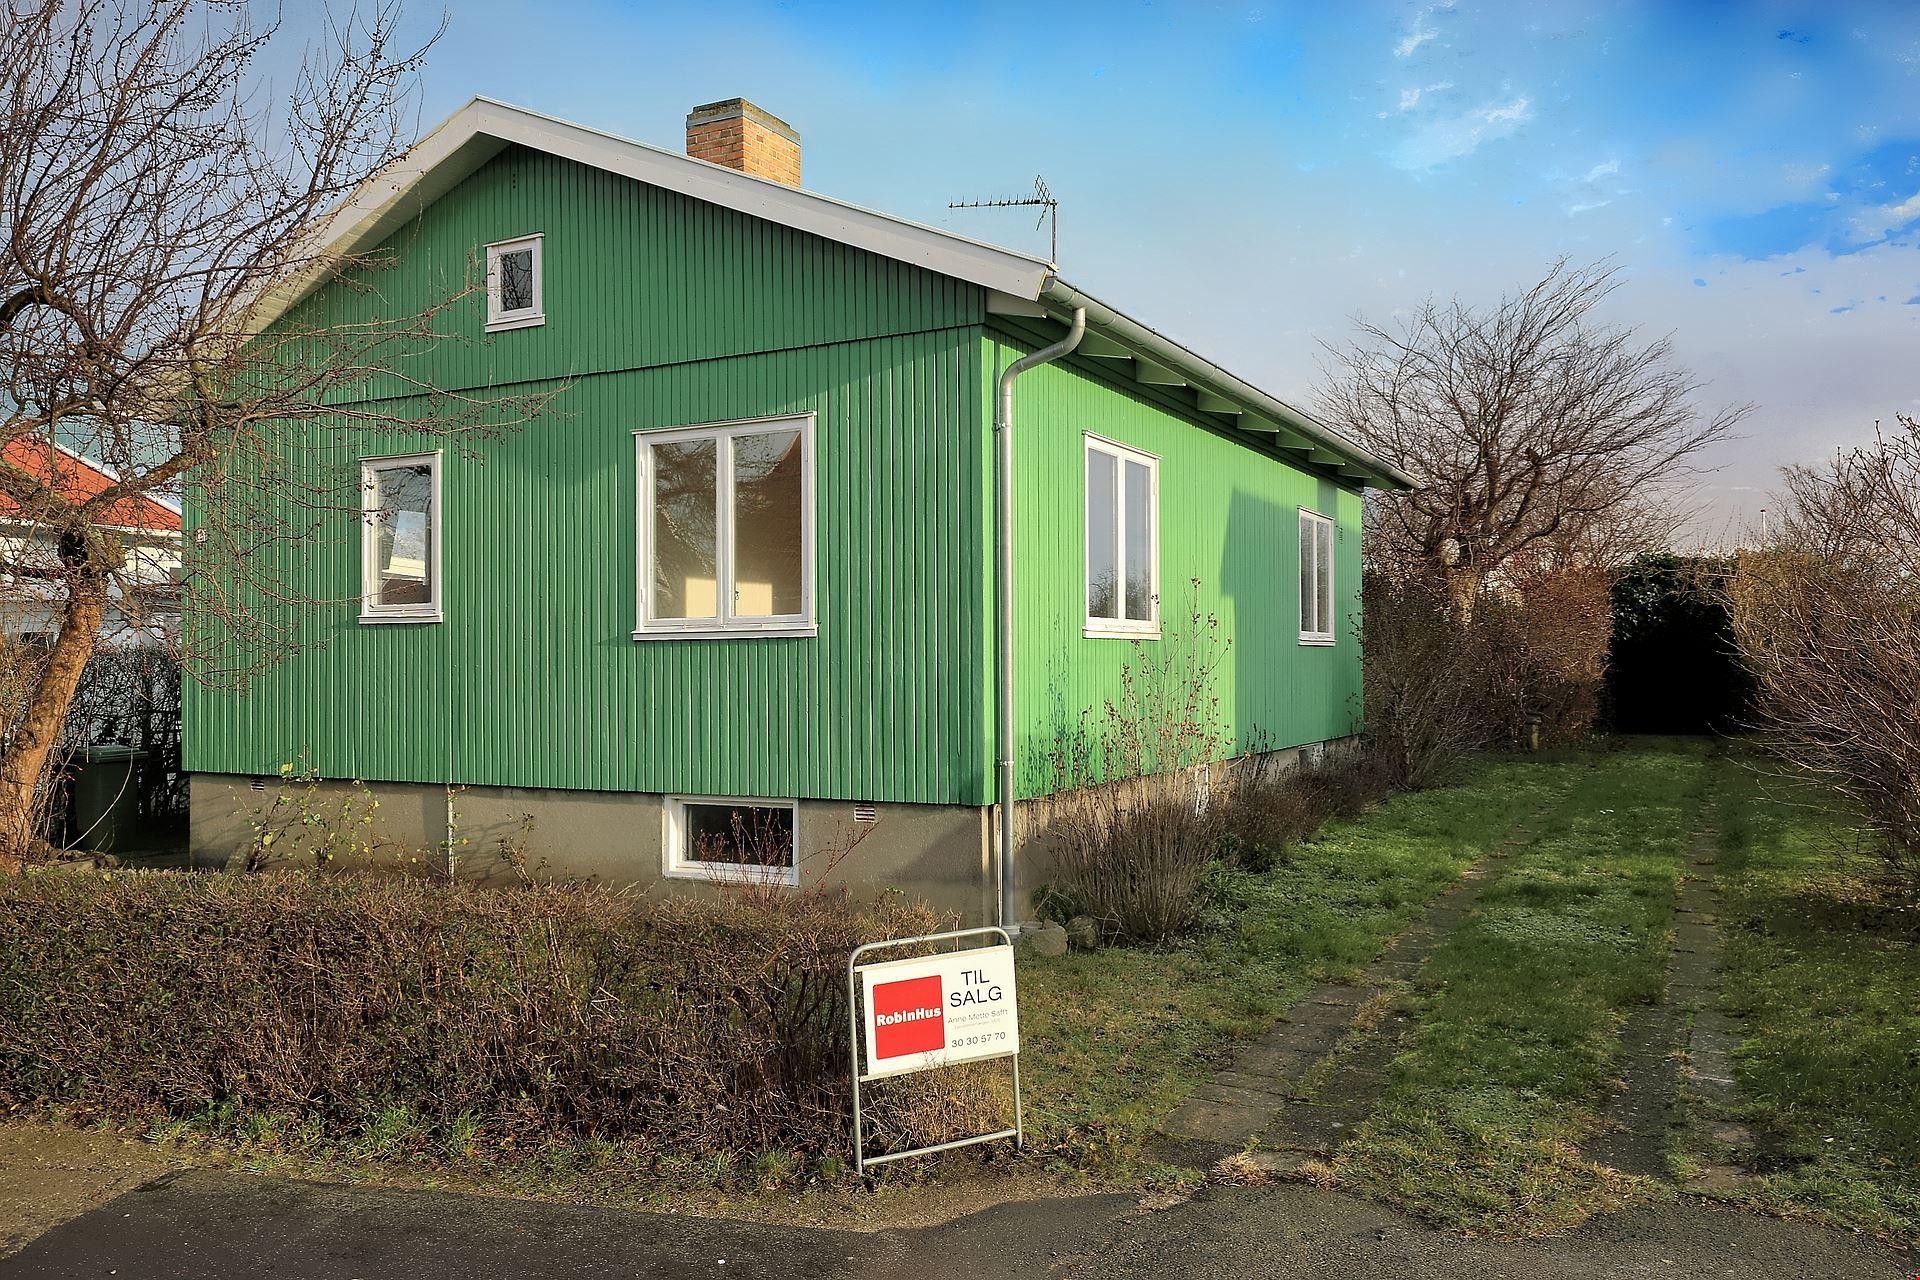 Kalmarvej 12, 3700 Rønne